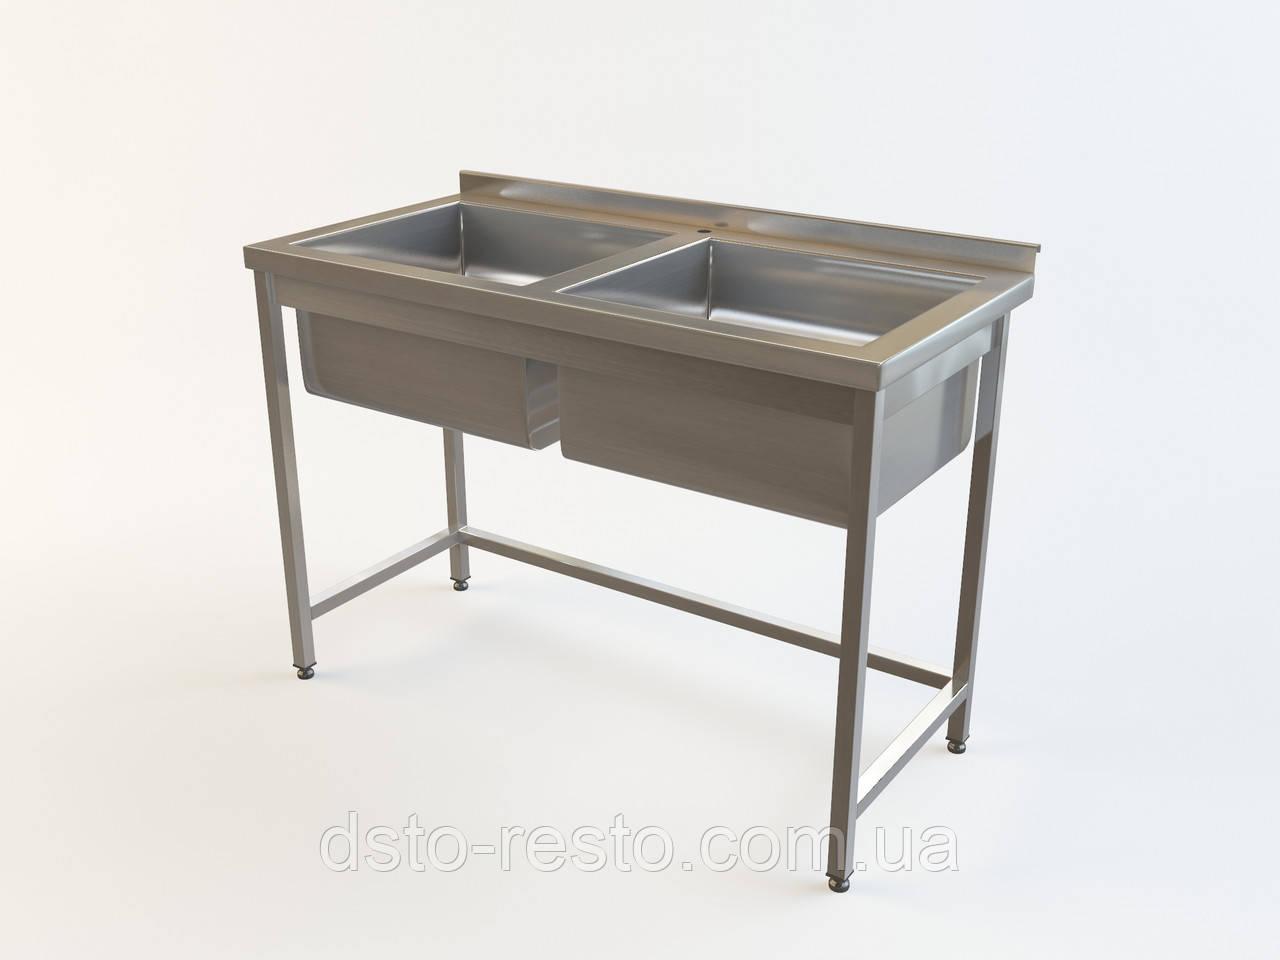 Мойки промышленные для столовых 1300/700/850 мм, глубина 400 мм